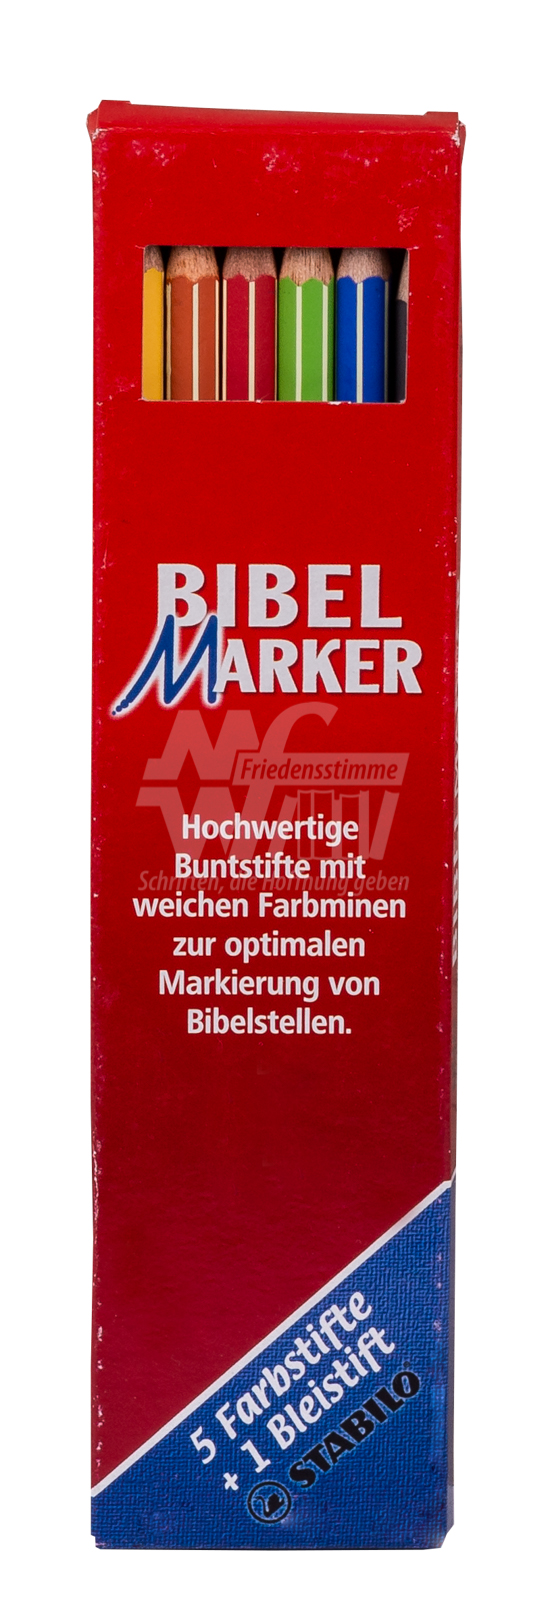 Uljö Verlag